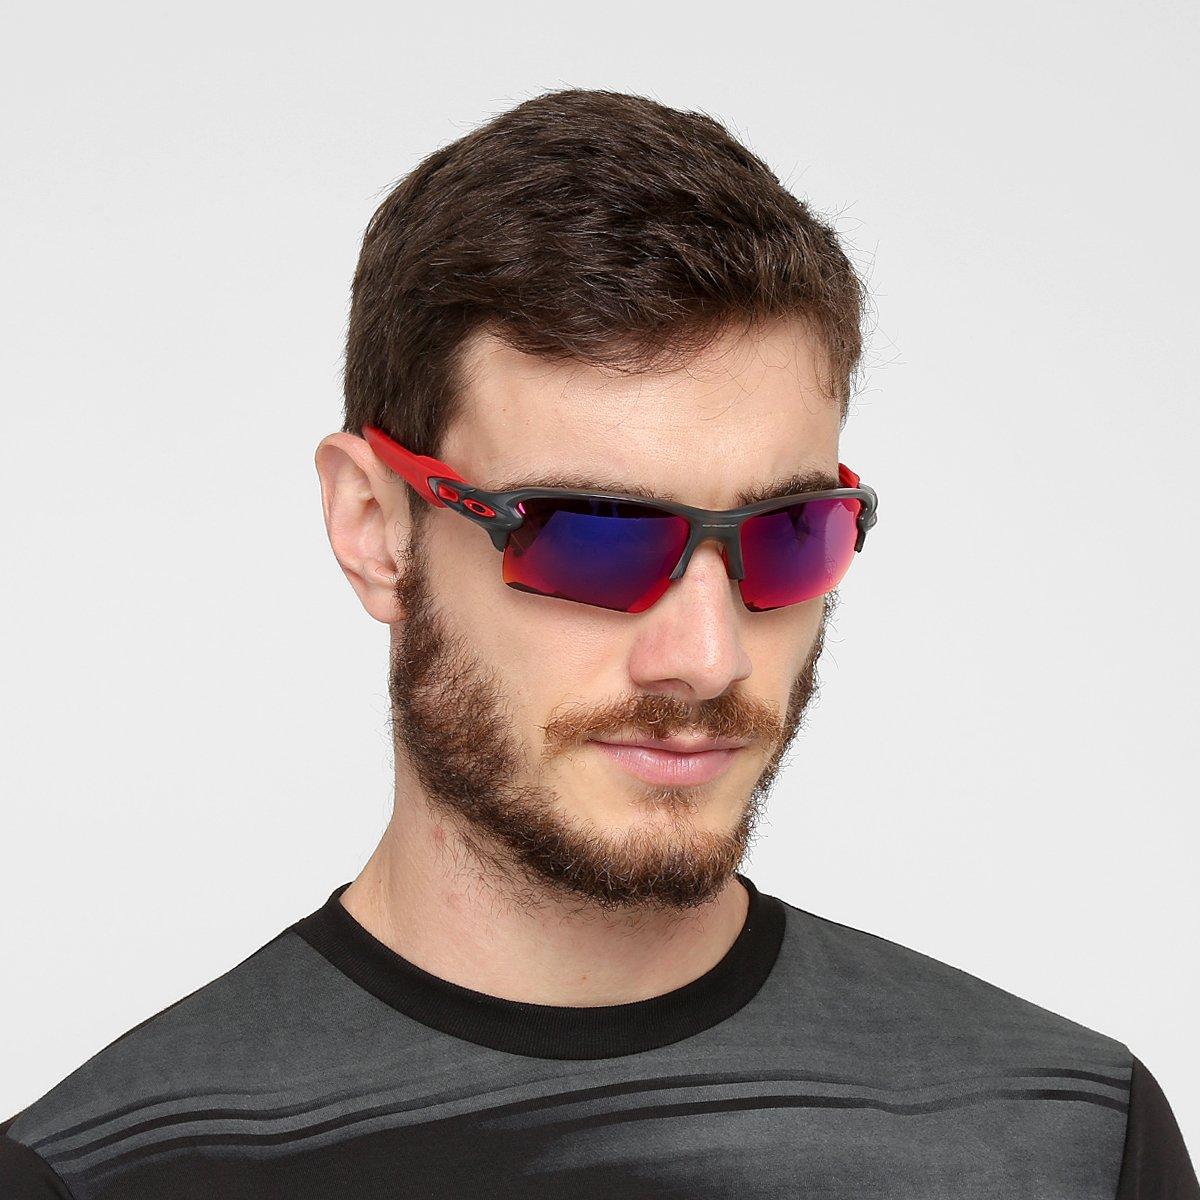 3dc59590f3001 Óculos Oakley Flak 2.0 XL - Prizm - Compre Agora   Netshoes